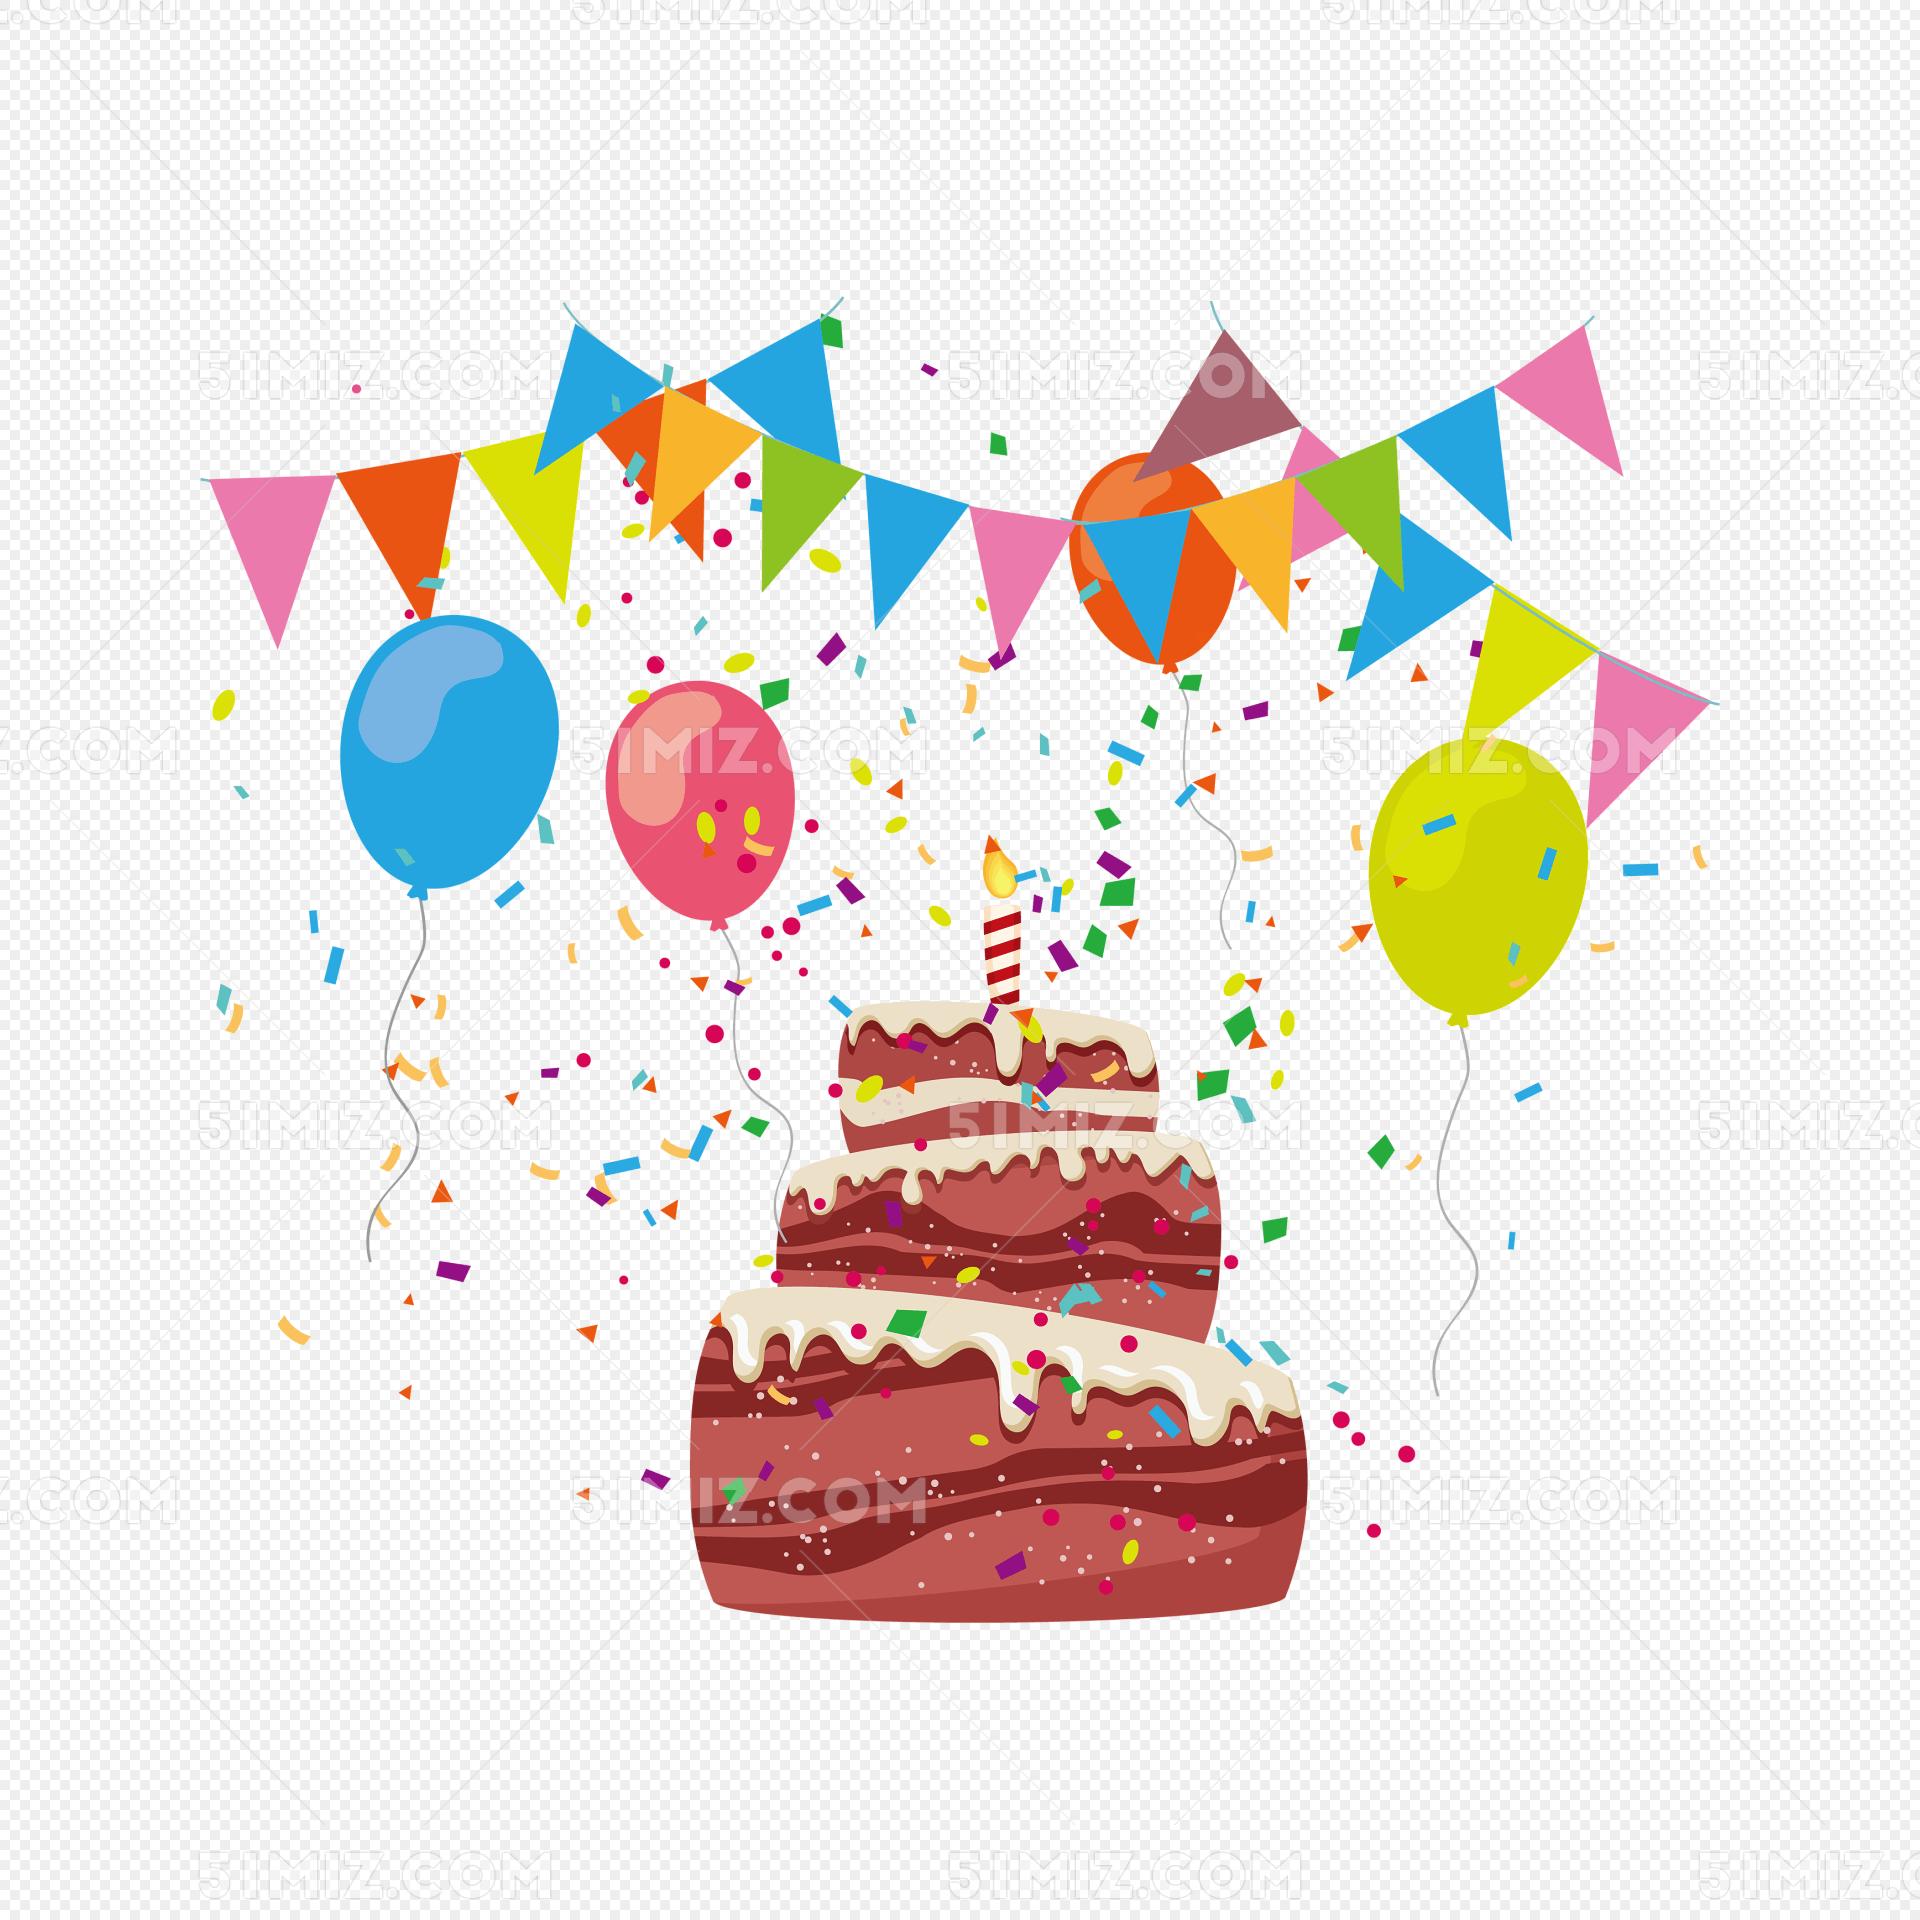 卡通生日蛋糕和彩旗免费下载_png素材_觅知网